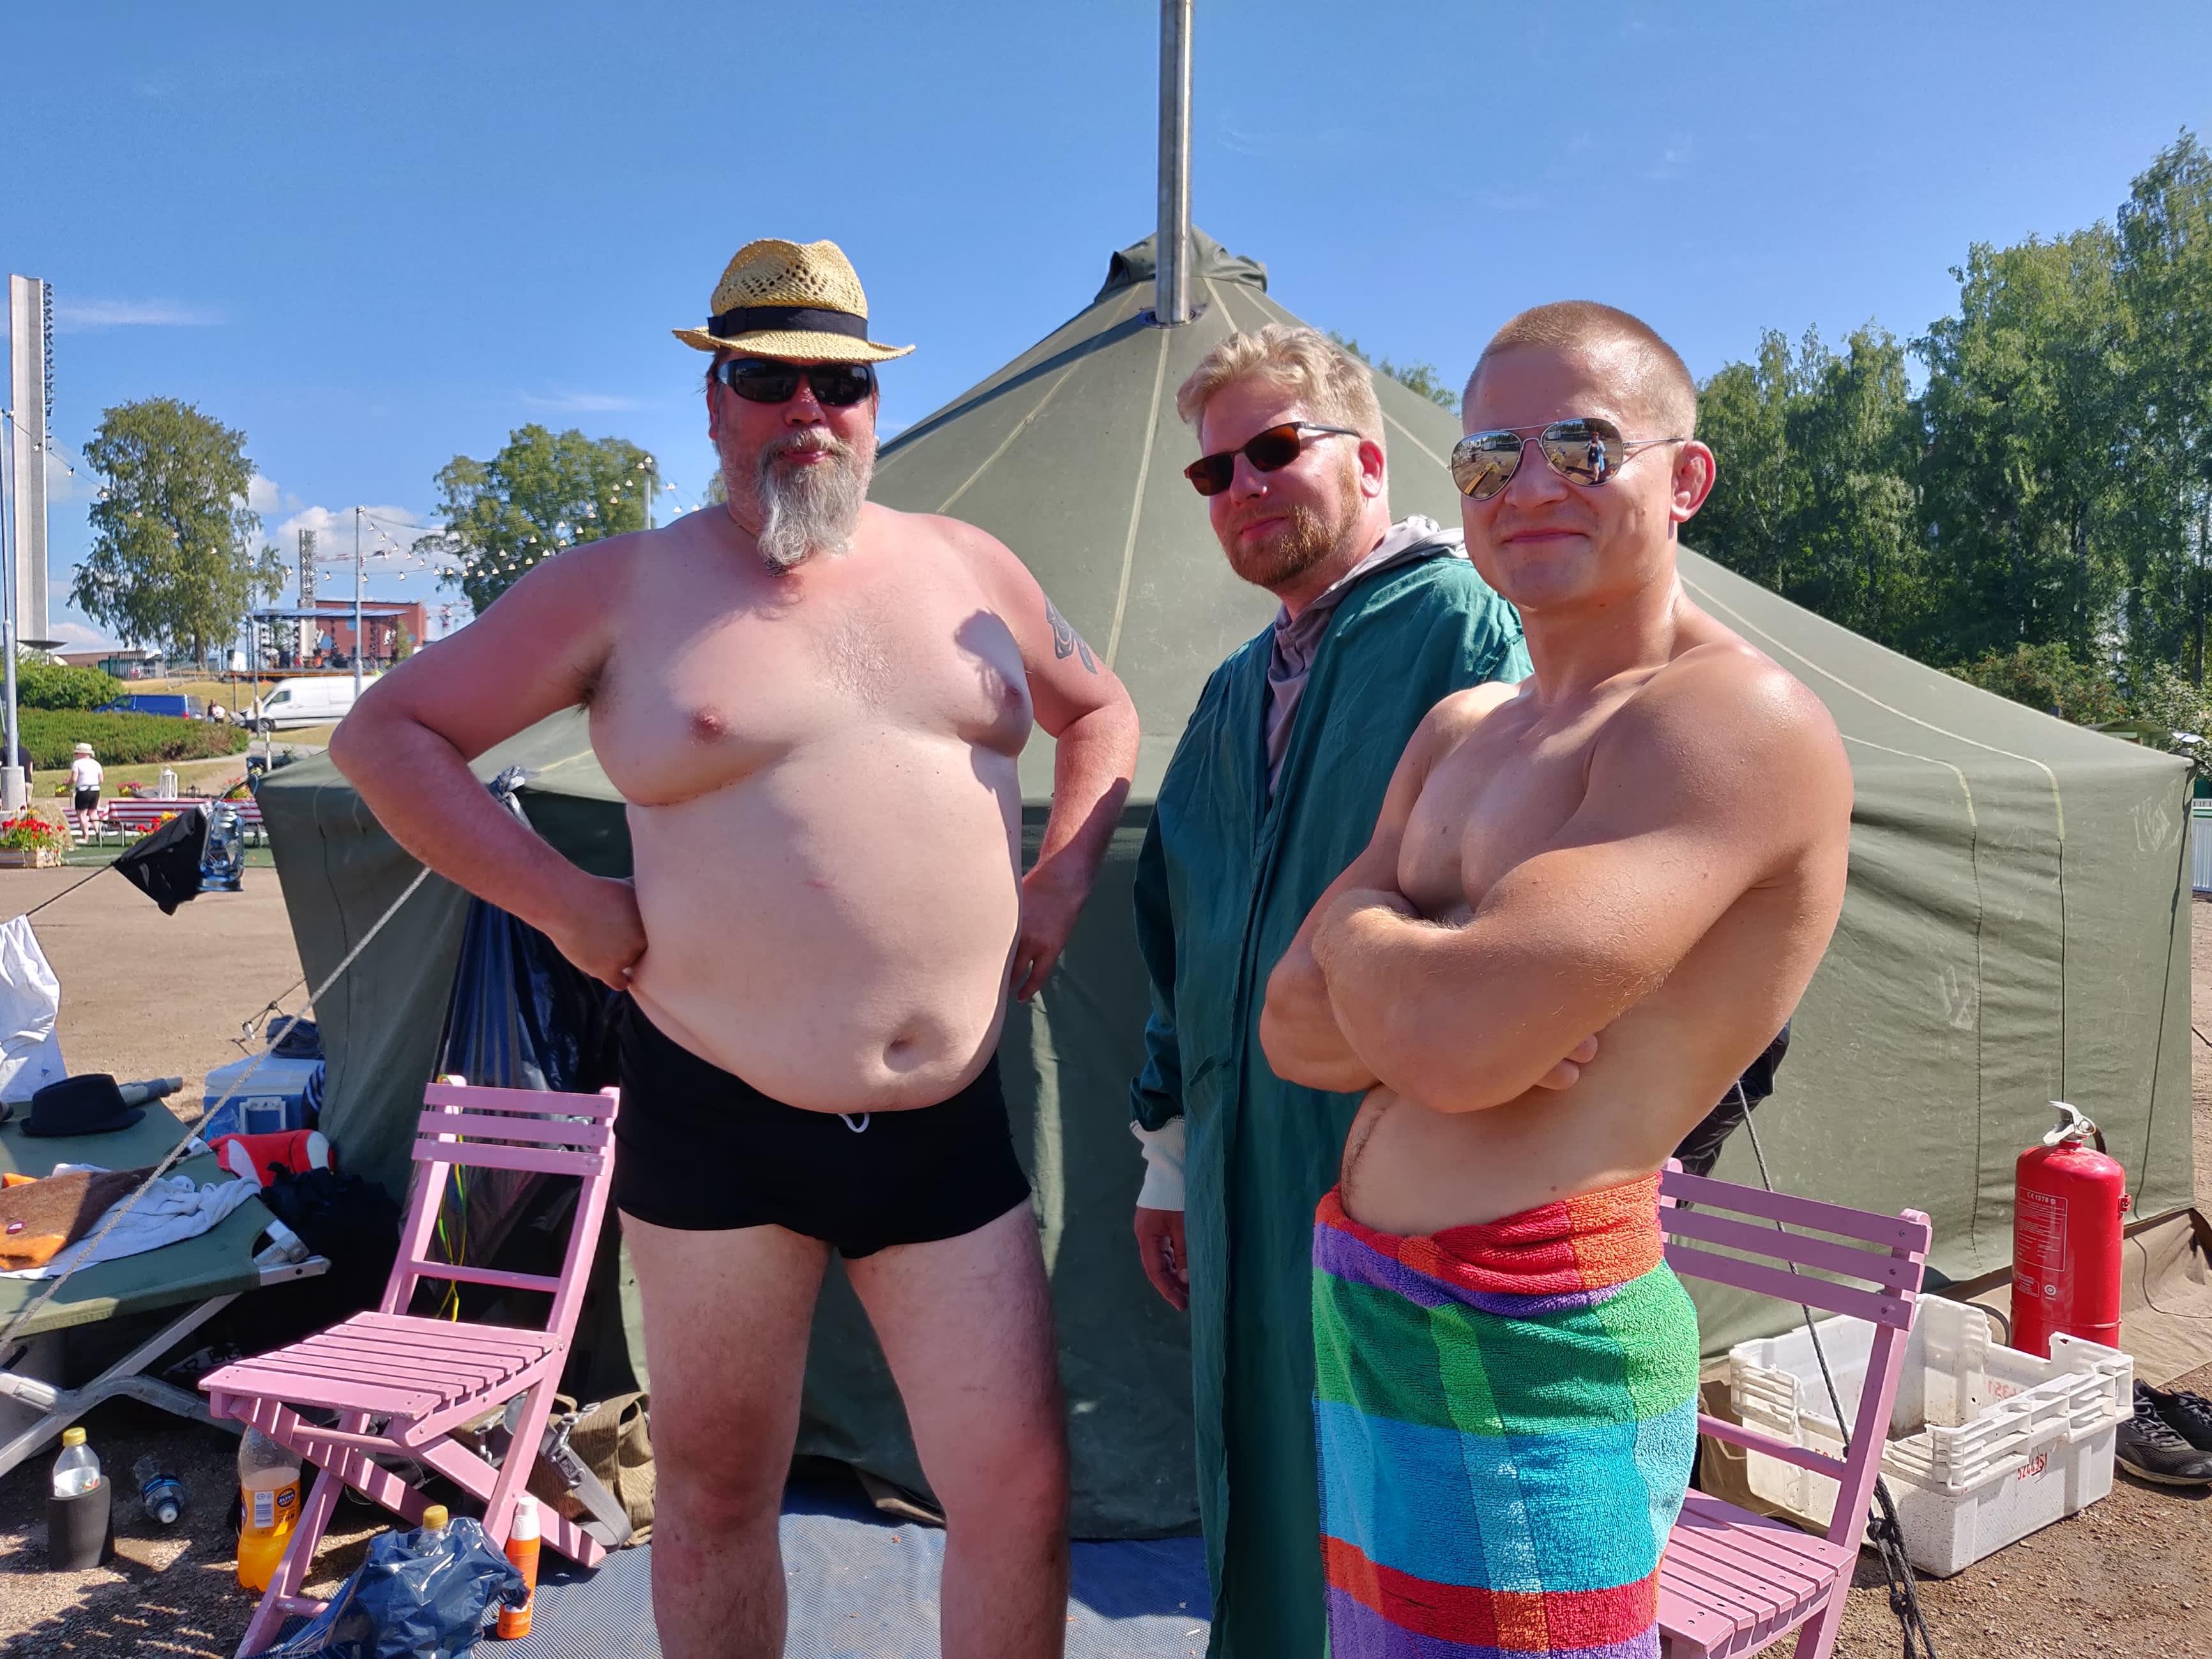 Vastameluhaitta-telttasaunalla Eetu, Juppe ja Jani sanoivat jo ennen tapahtuman alkua.